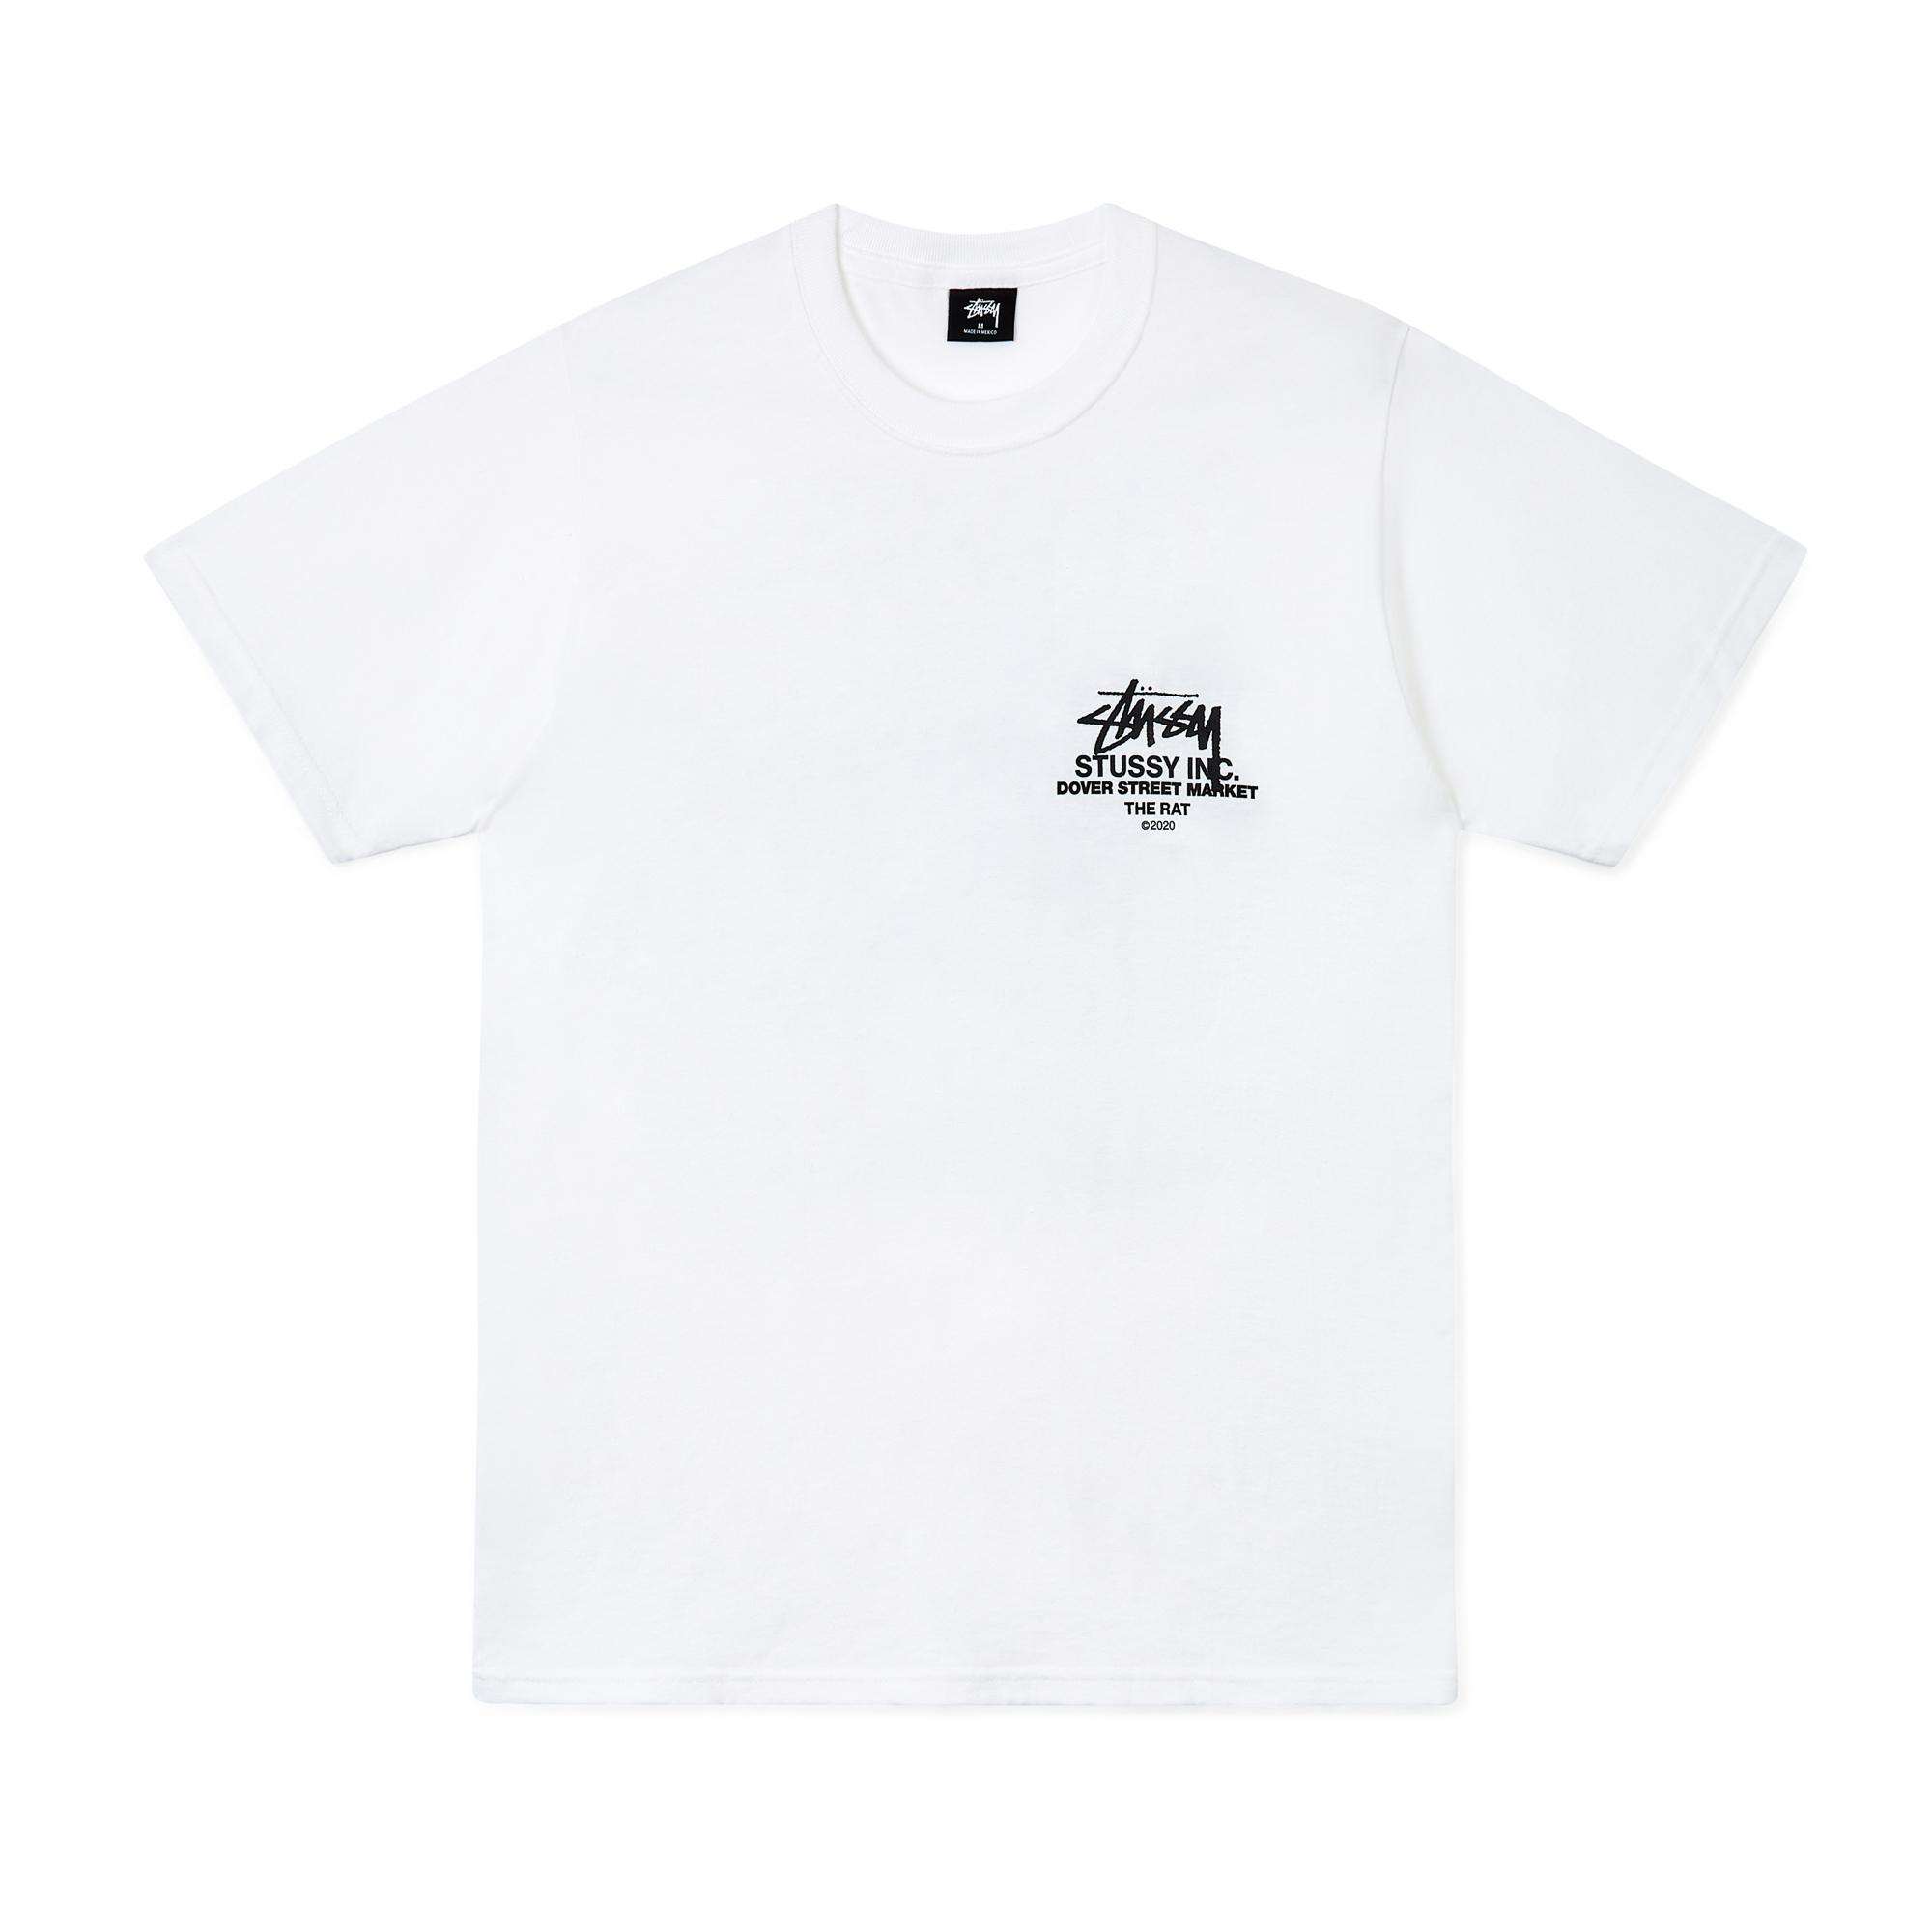 YOTR-T-shirts_Stussy_042.jpg